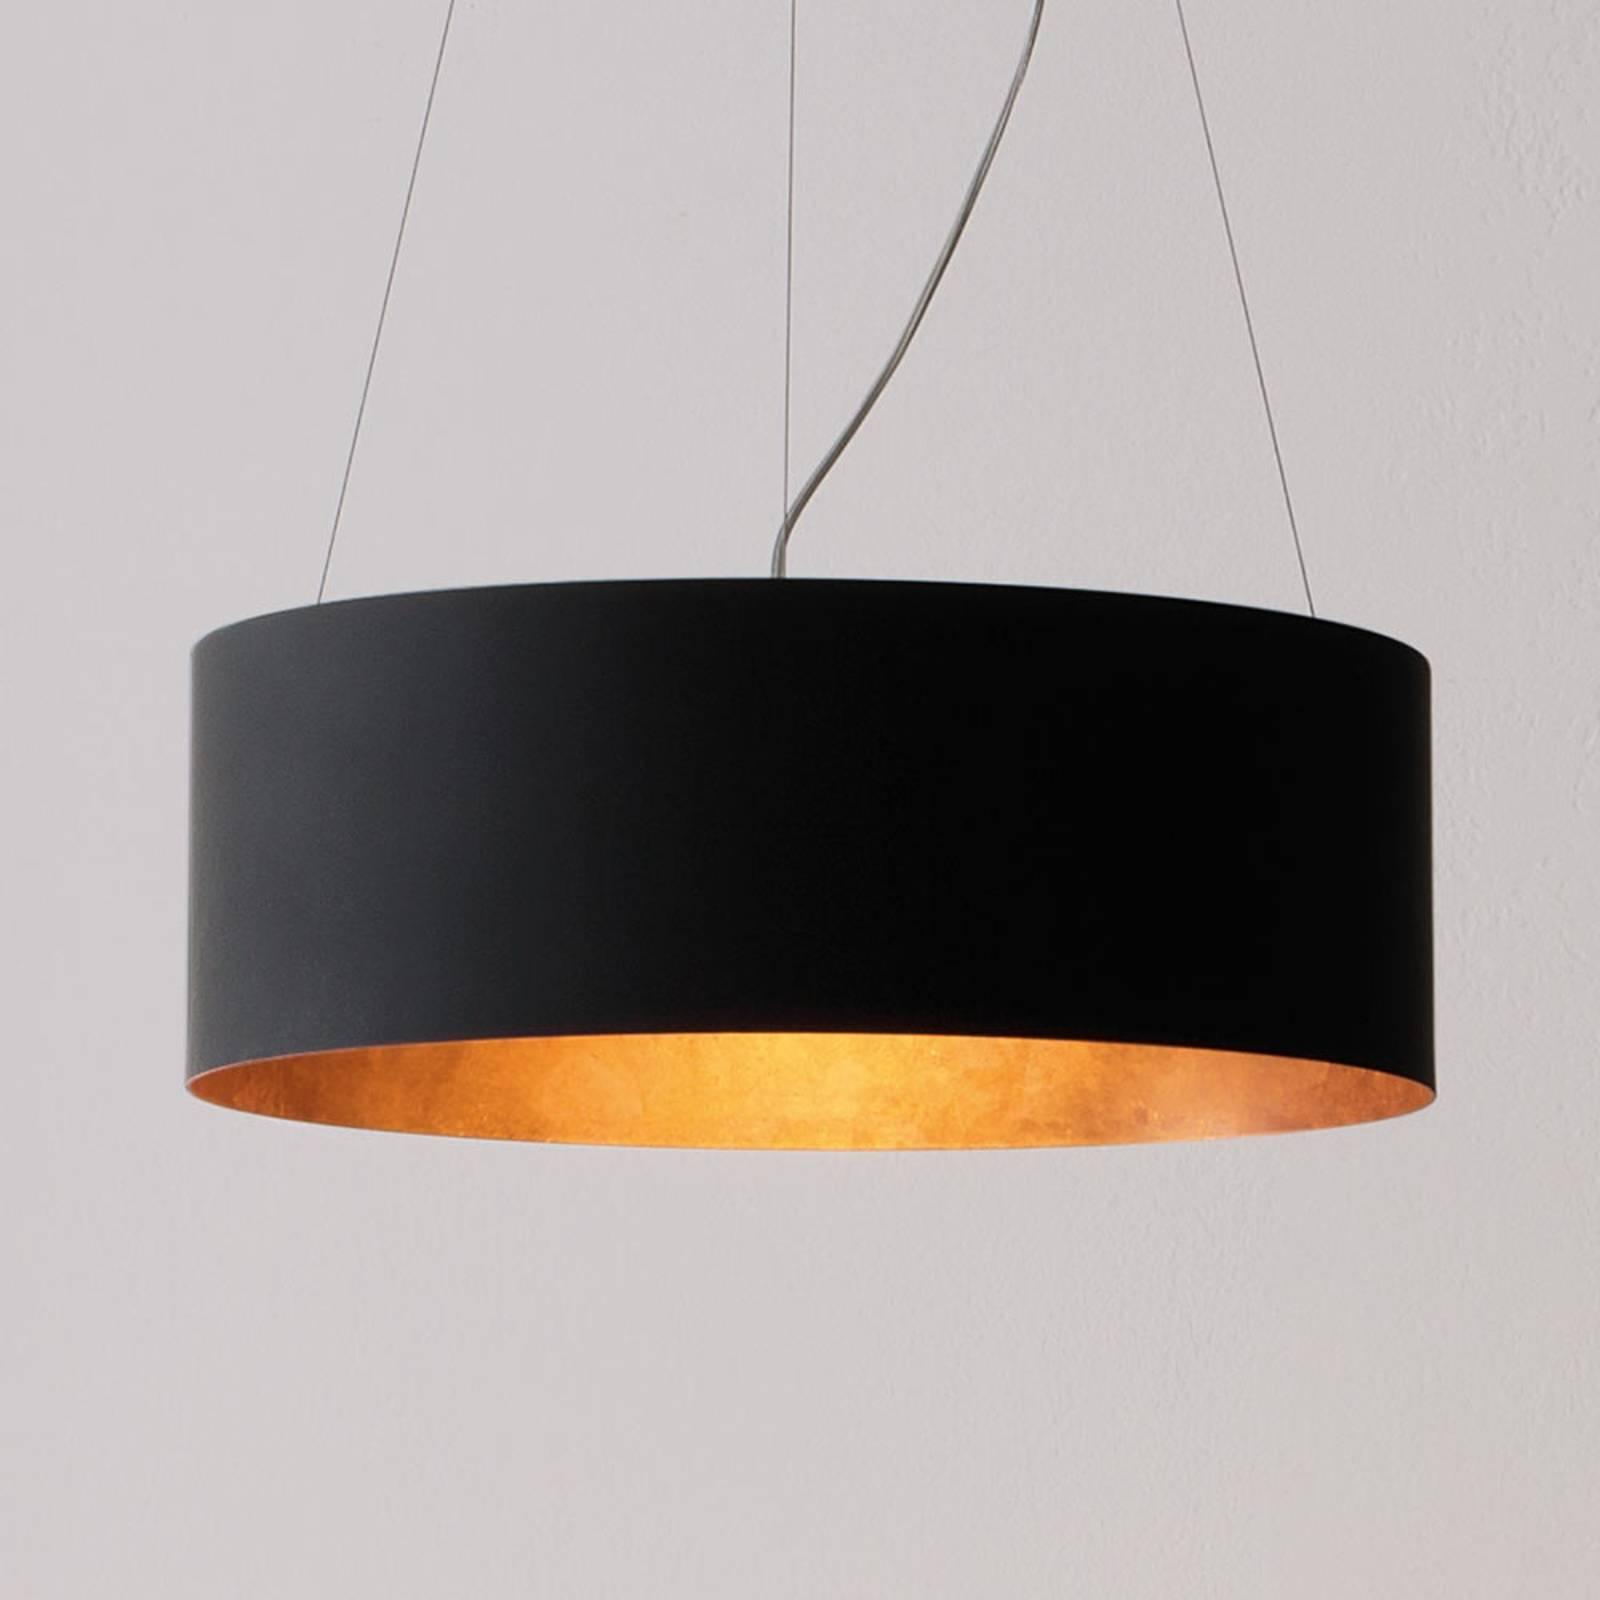 m bel von mini tallux f r wohnzimmer g nstig online kaufen bei m bel garten. Black Bedroom Furniture Sets. Home Design Ideas